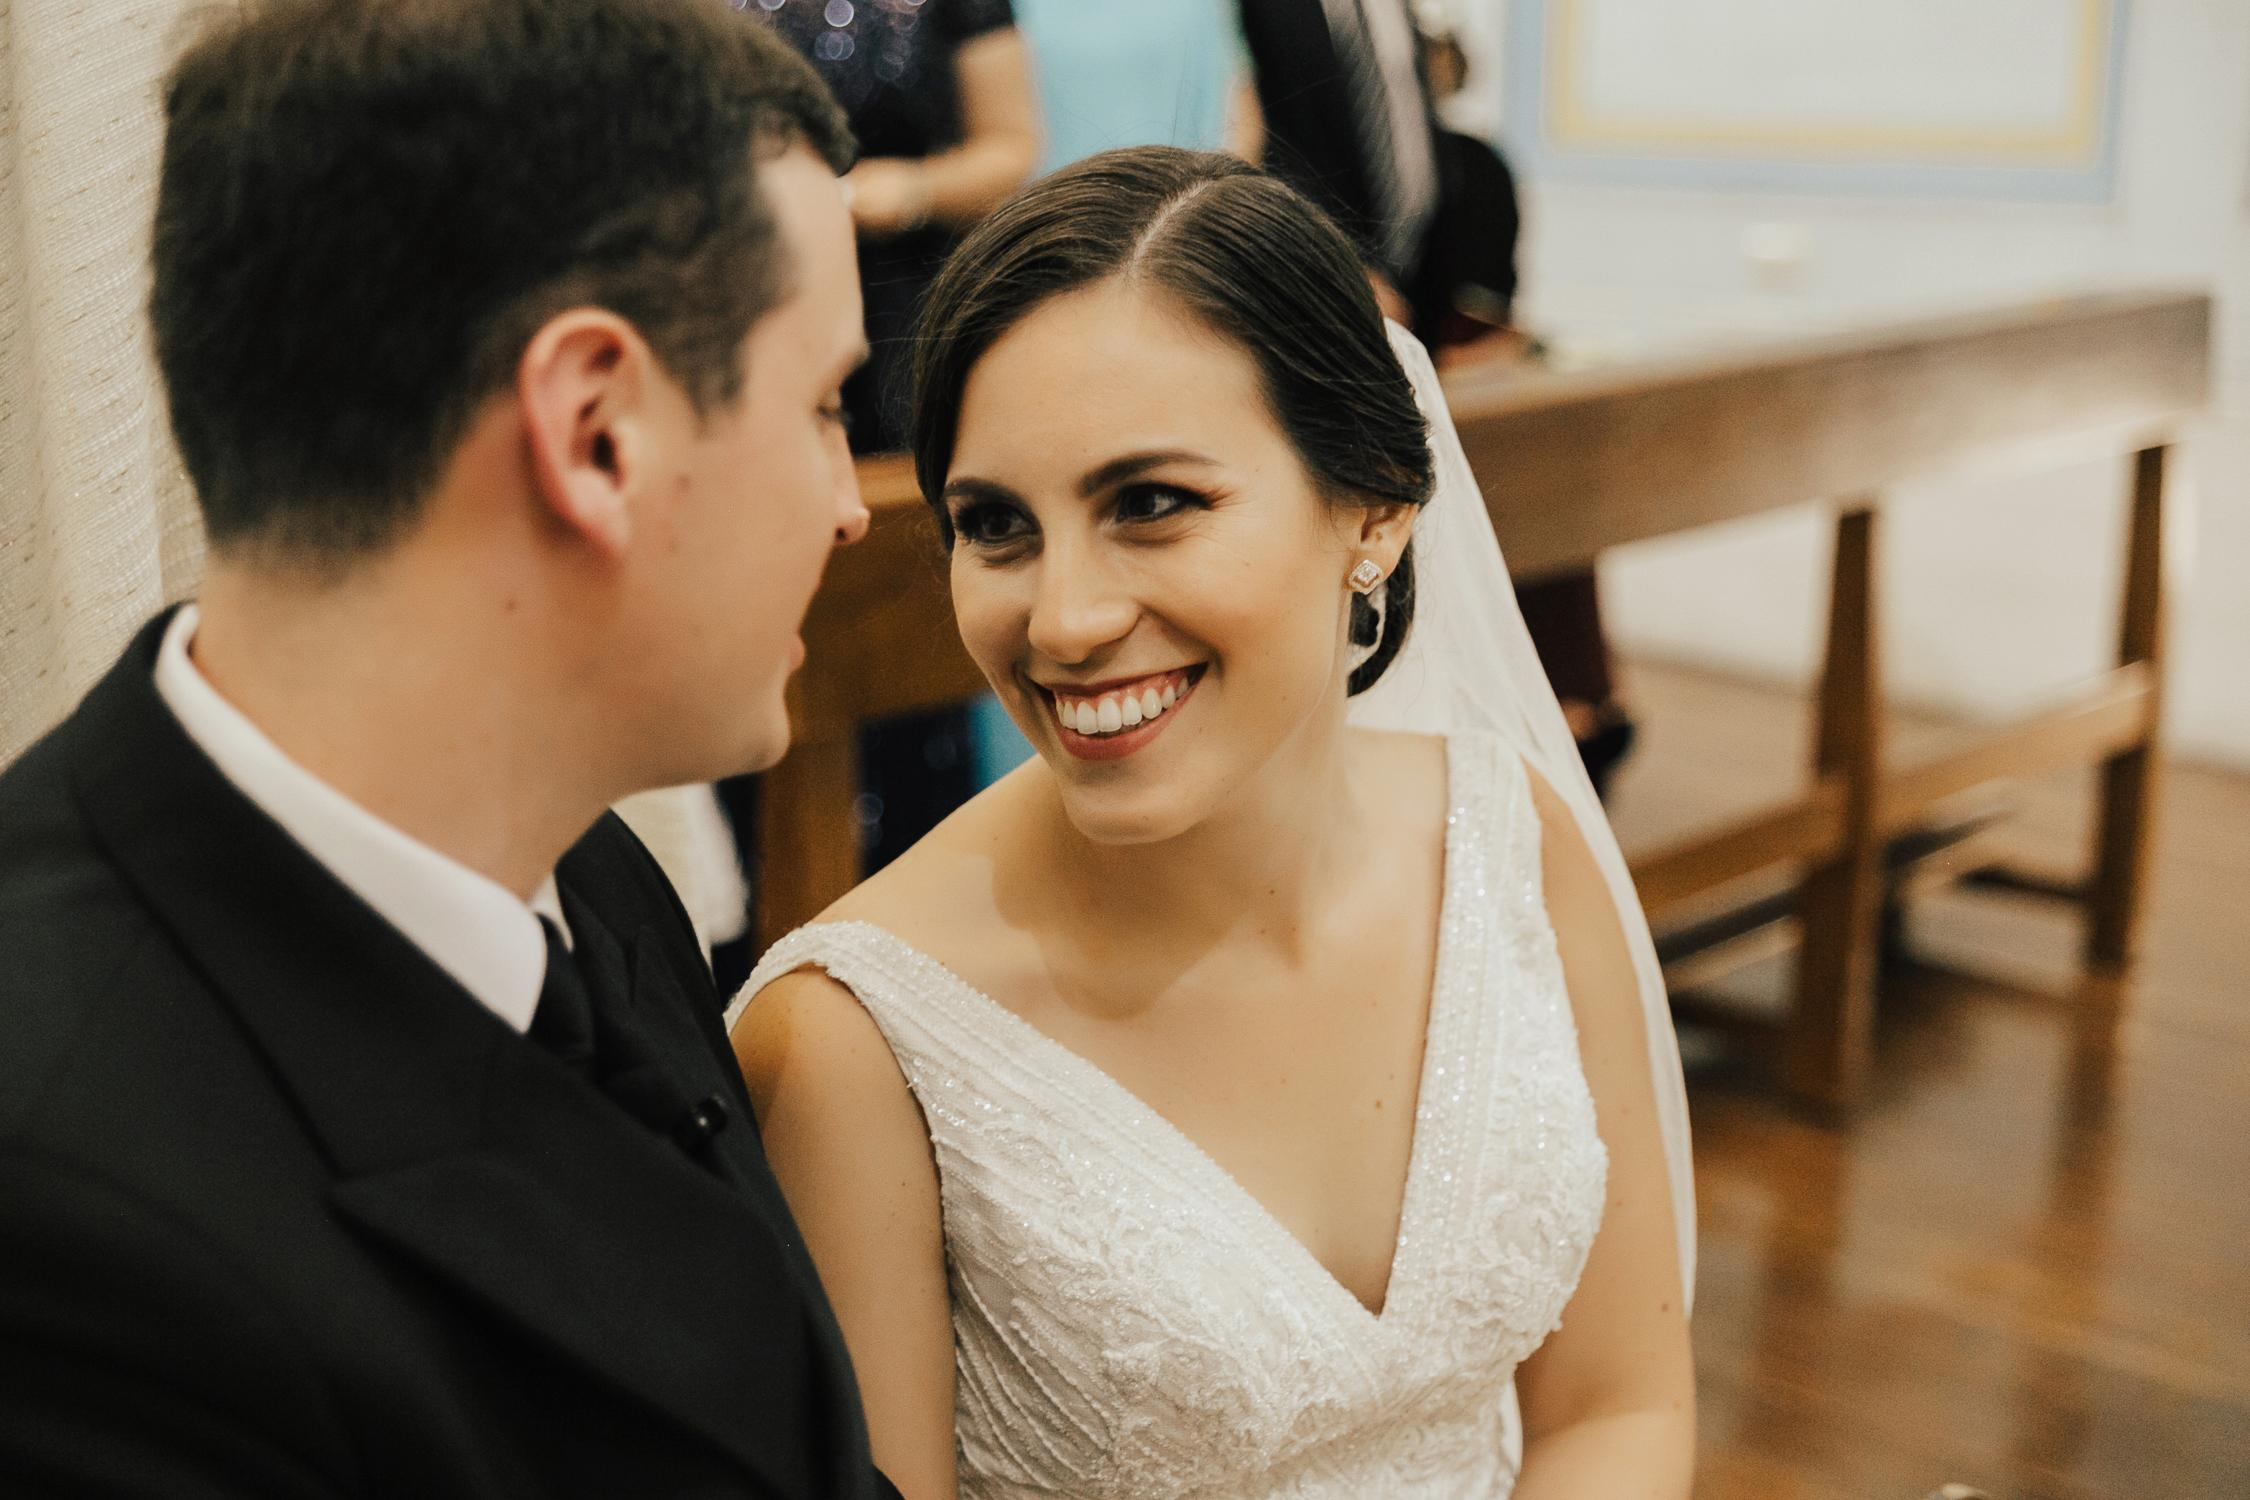 Michelle-Agurto-Fotografia-Bodas-Ecuador-Destination-Wedding-Photographer-Ecuador-Mercedes-Alvaro-97.JPG